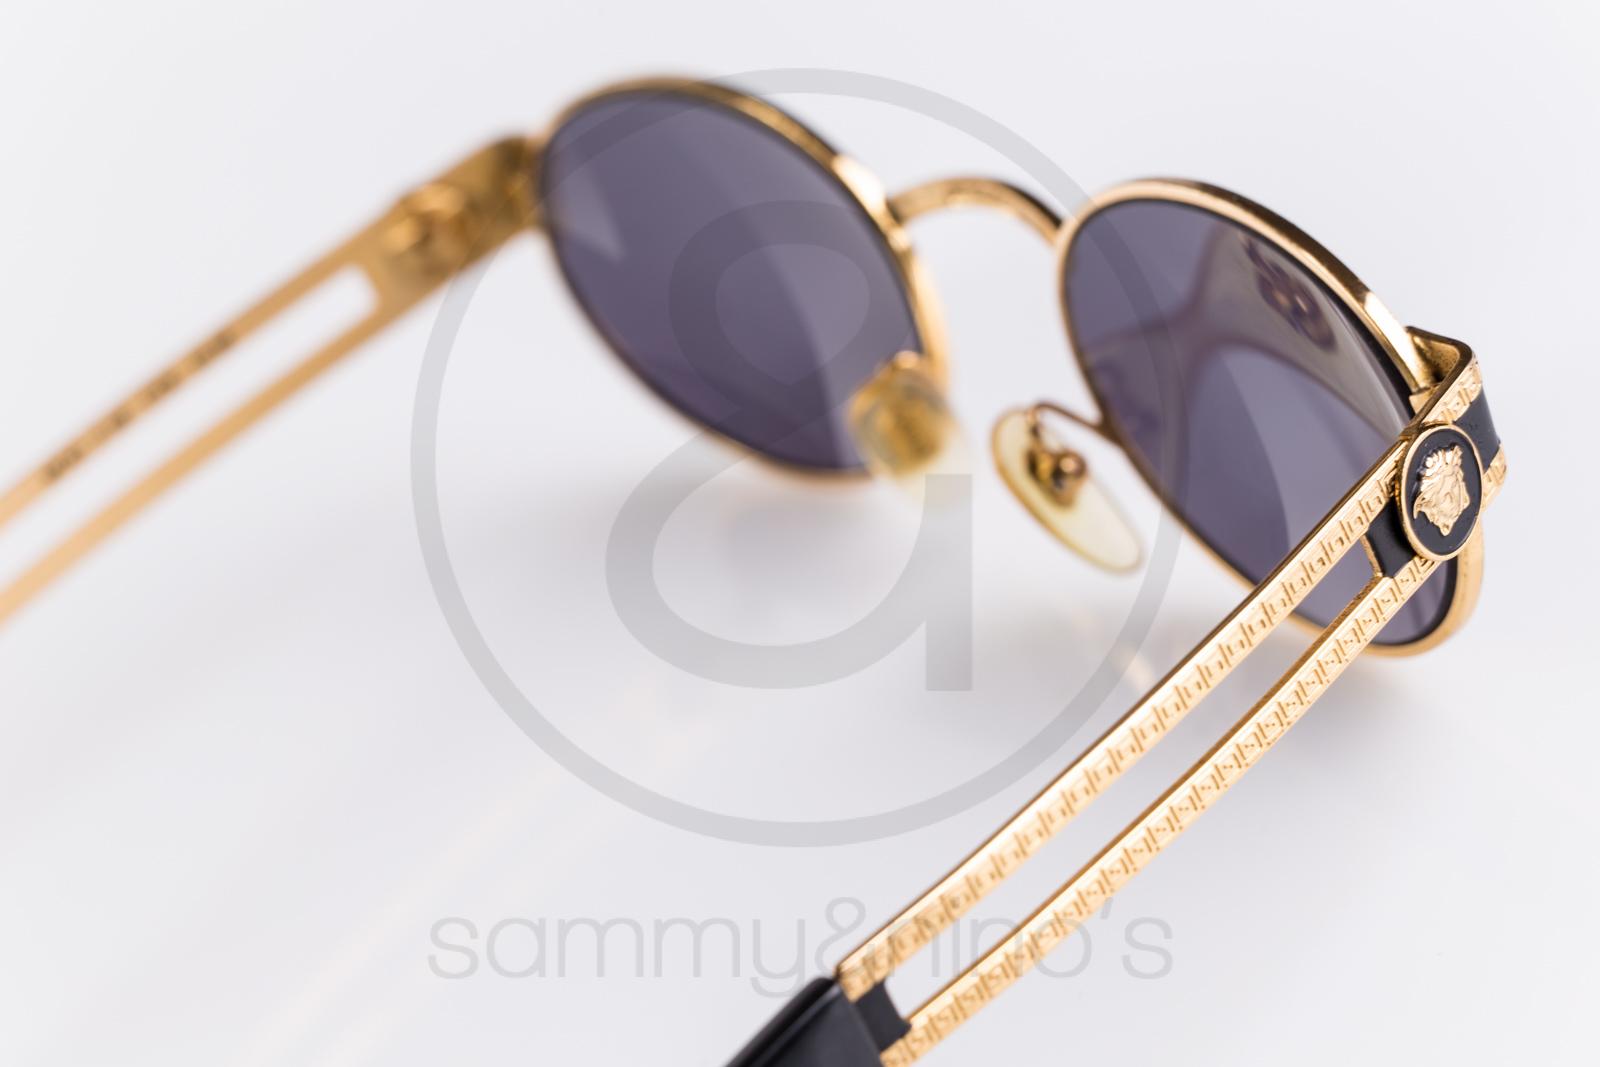 Gianni Versace S58 16M – Sammy & Nino\'s Store